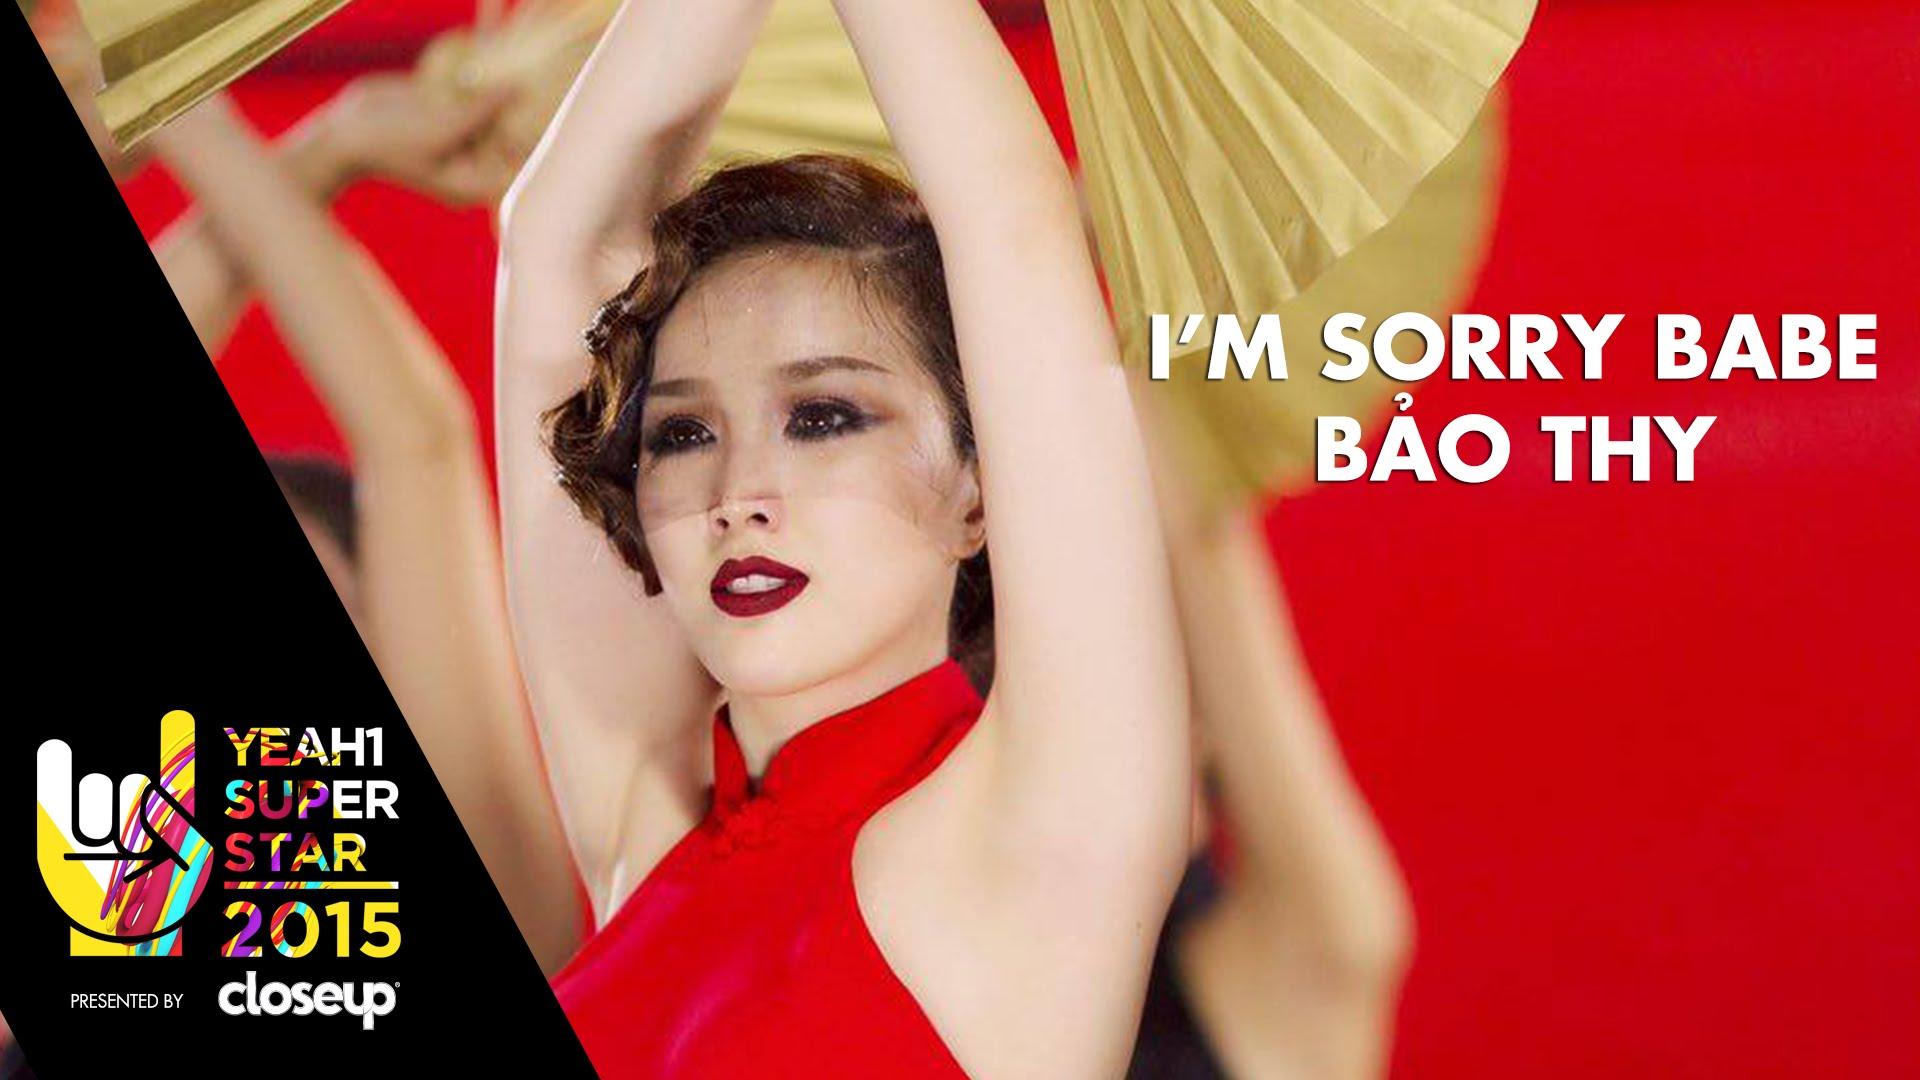 I'm Sorry Babe - Bao Thy